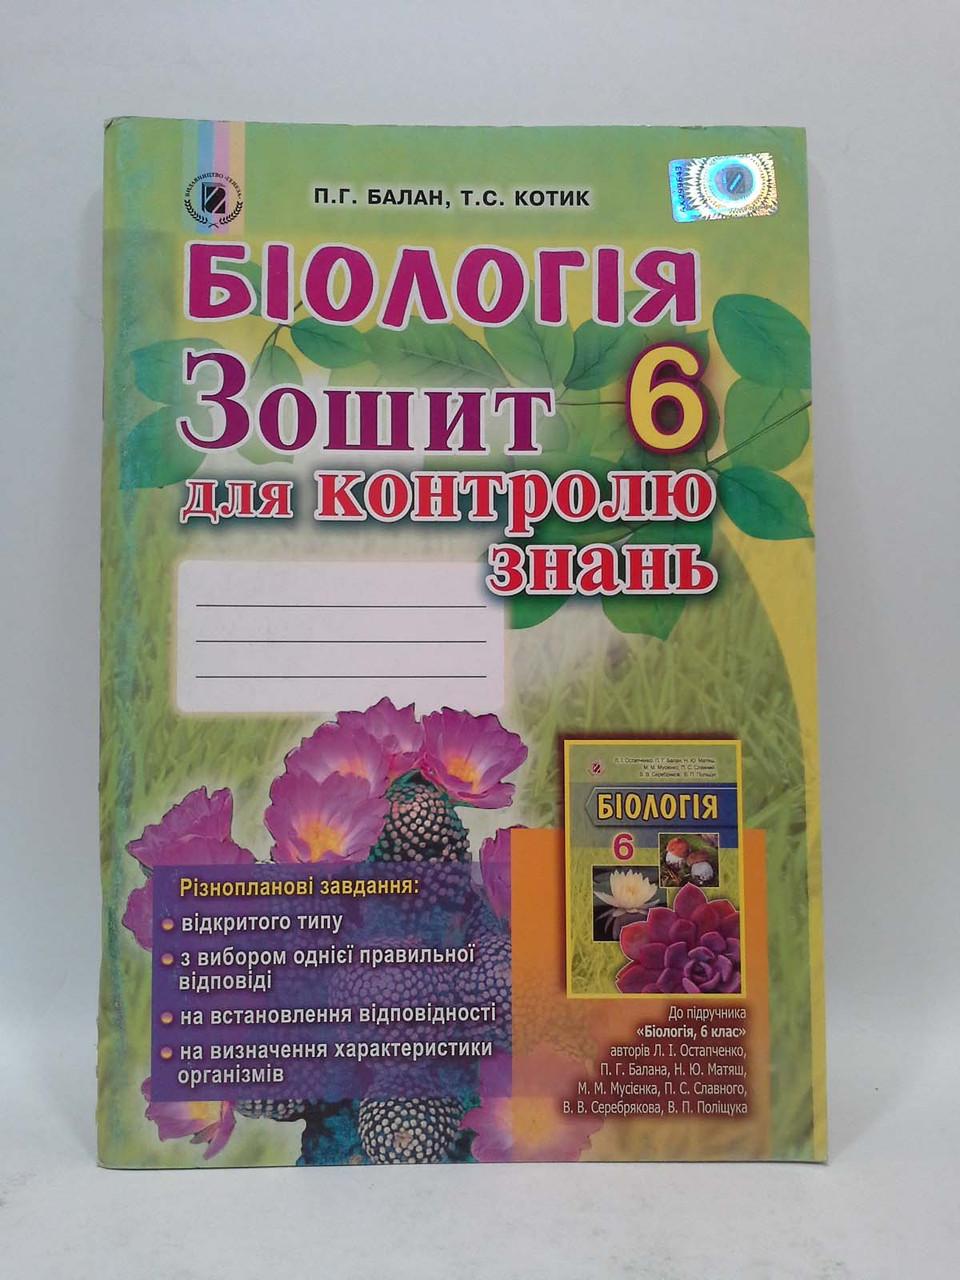 гдз біологія 6 клас зошит для контролю знань котик балан